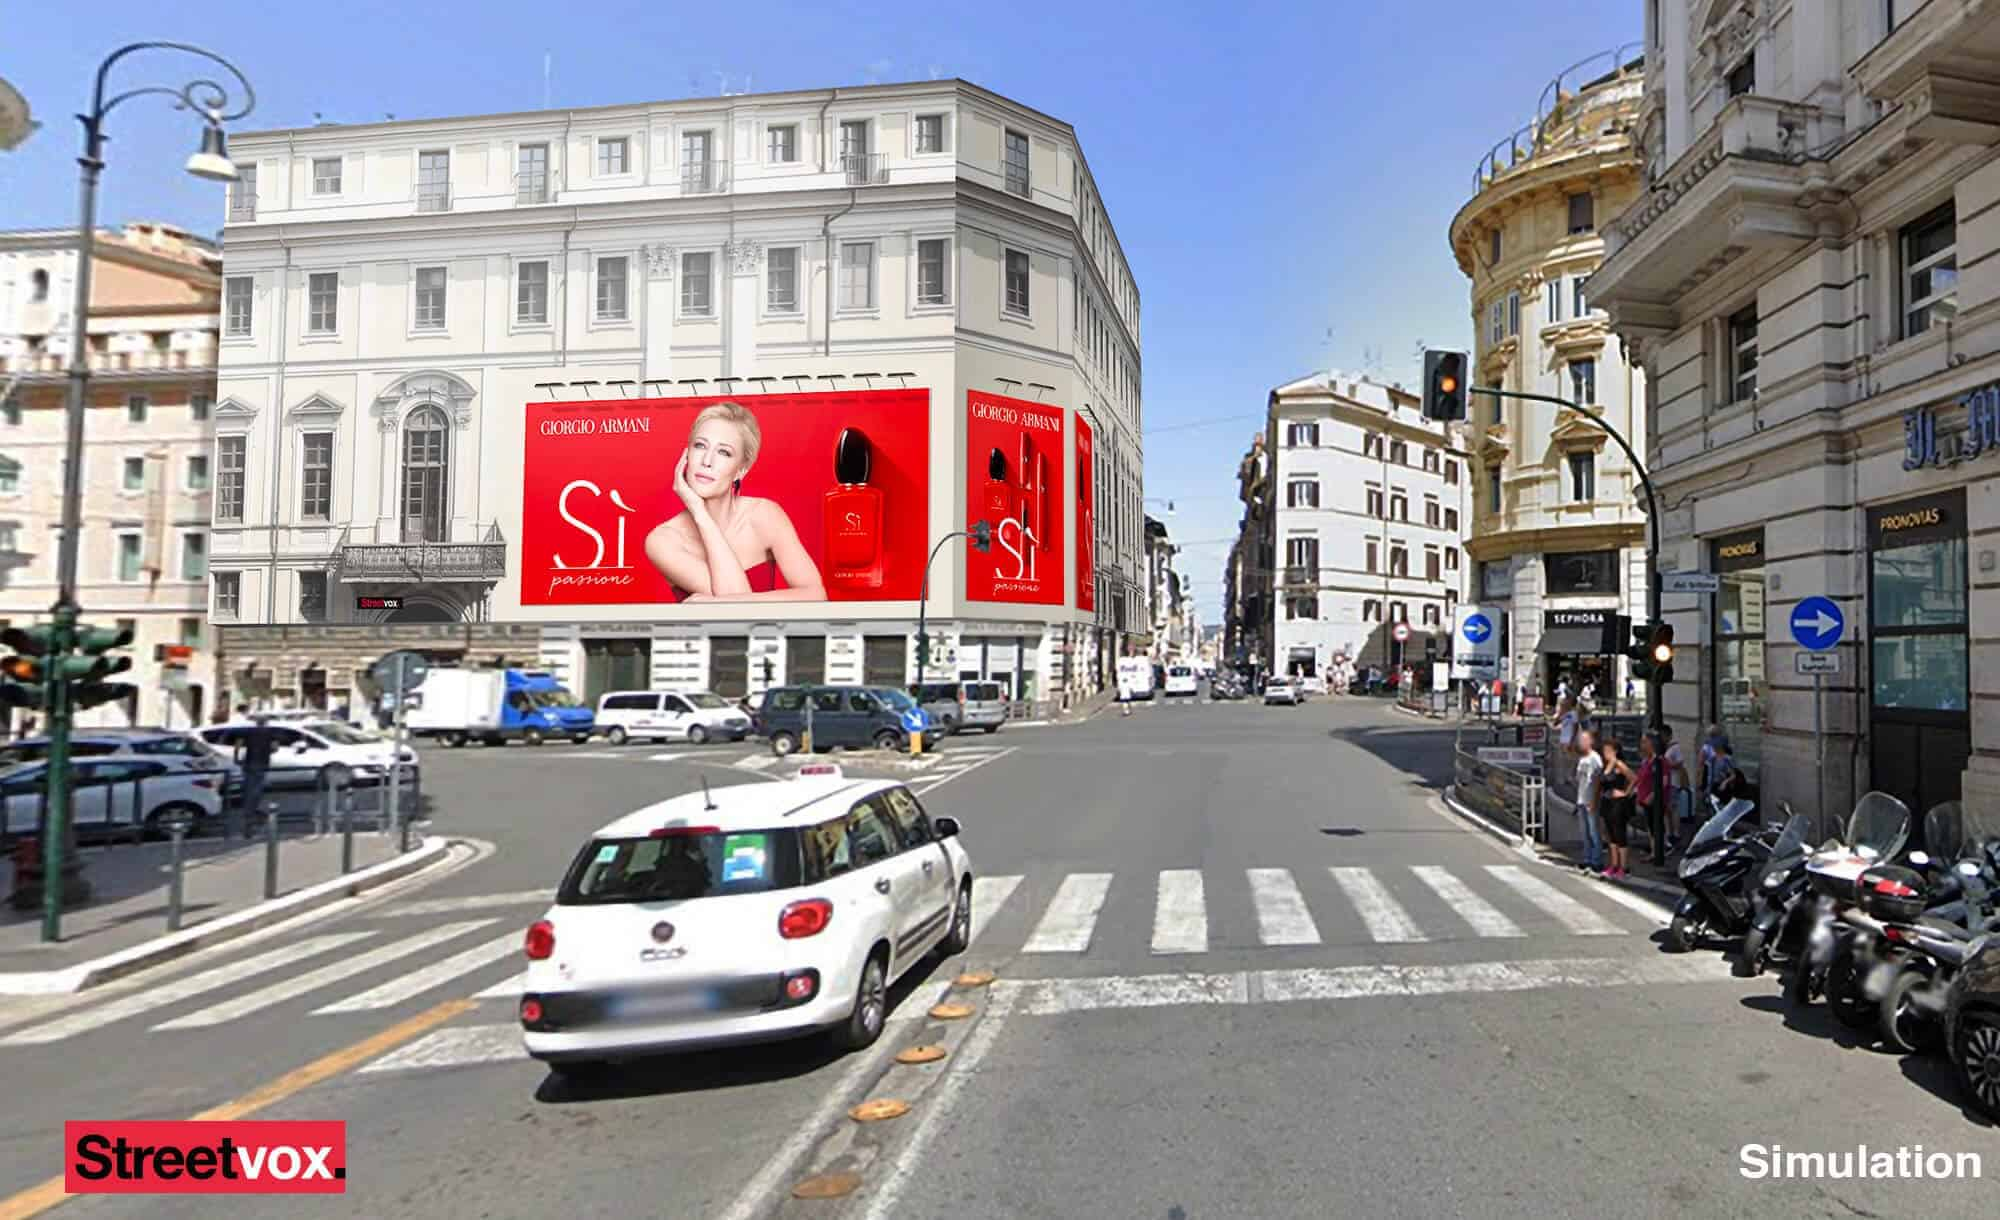 Maxi Affissione Streetvox in Via Tritone 66 a Roma con profumo